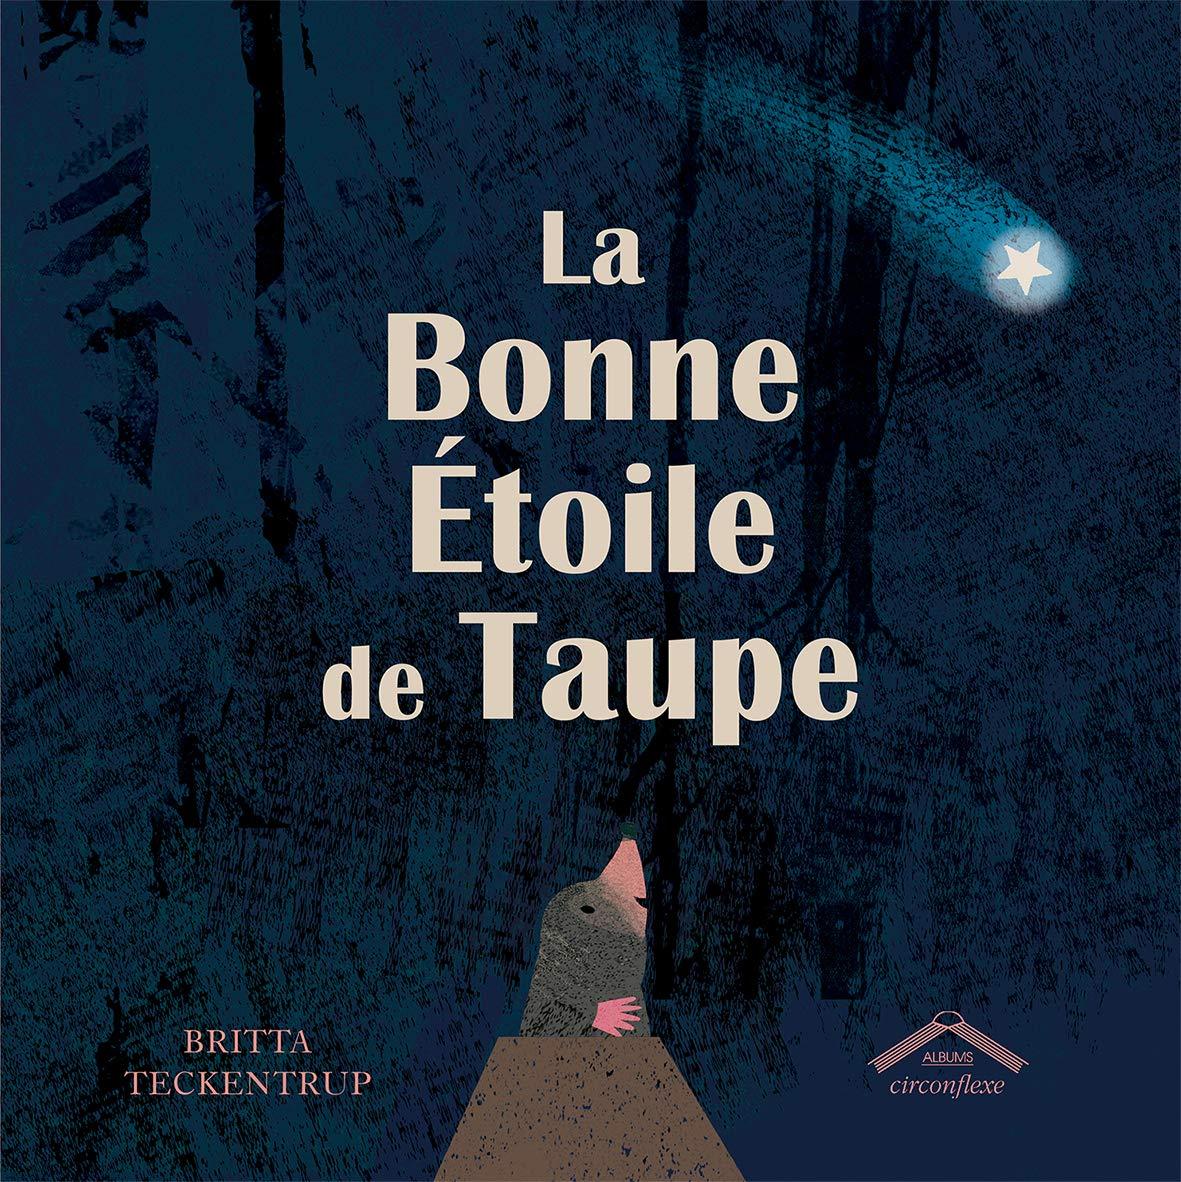 Amazon.fr - La bonne étoile de taupe - TECKENTRUP, BRITTA - Livres